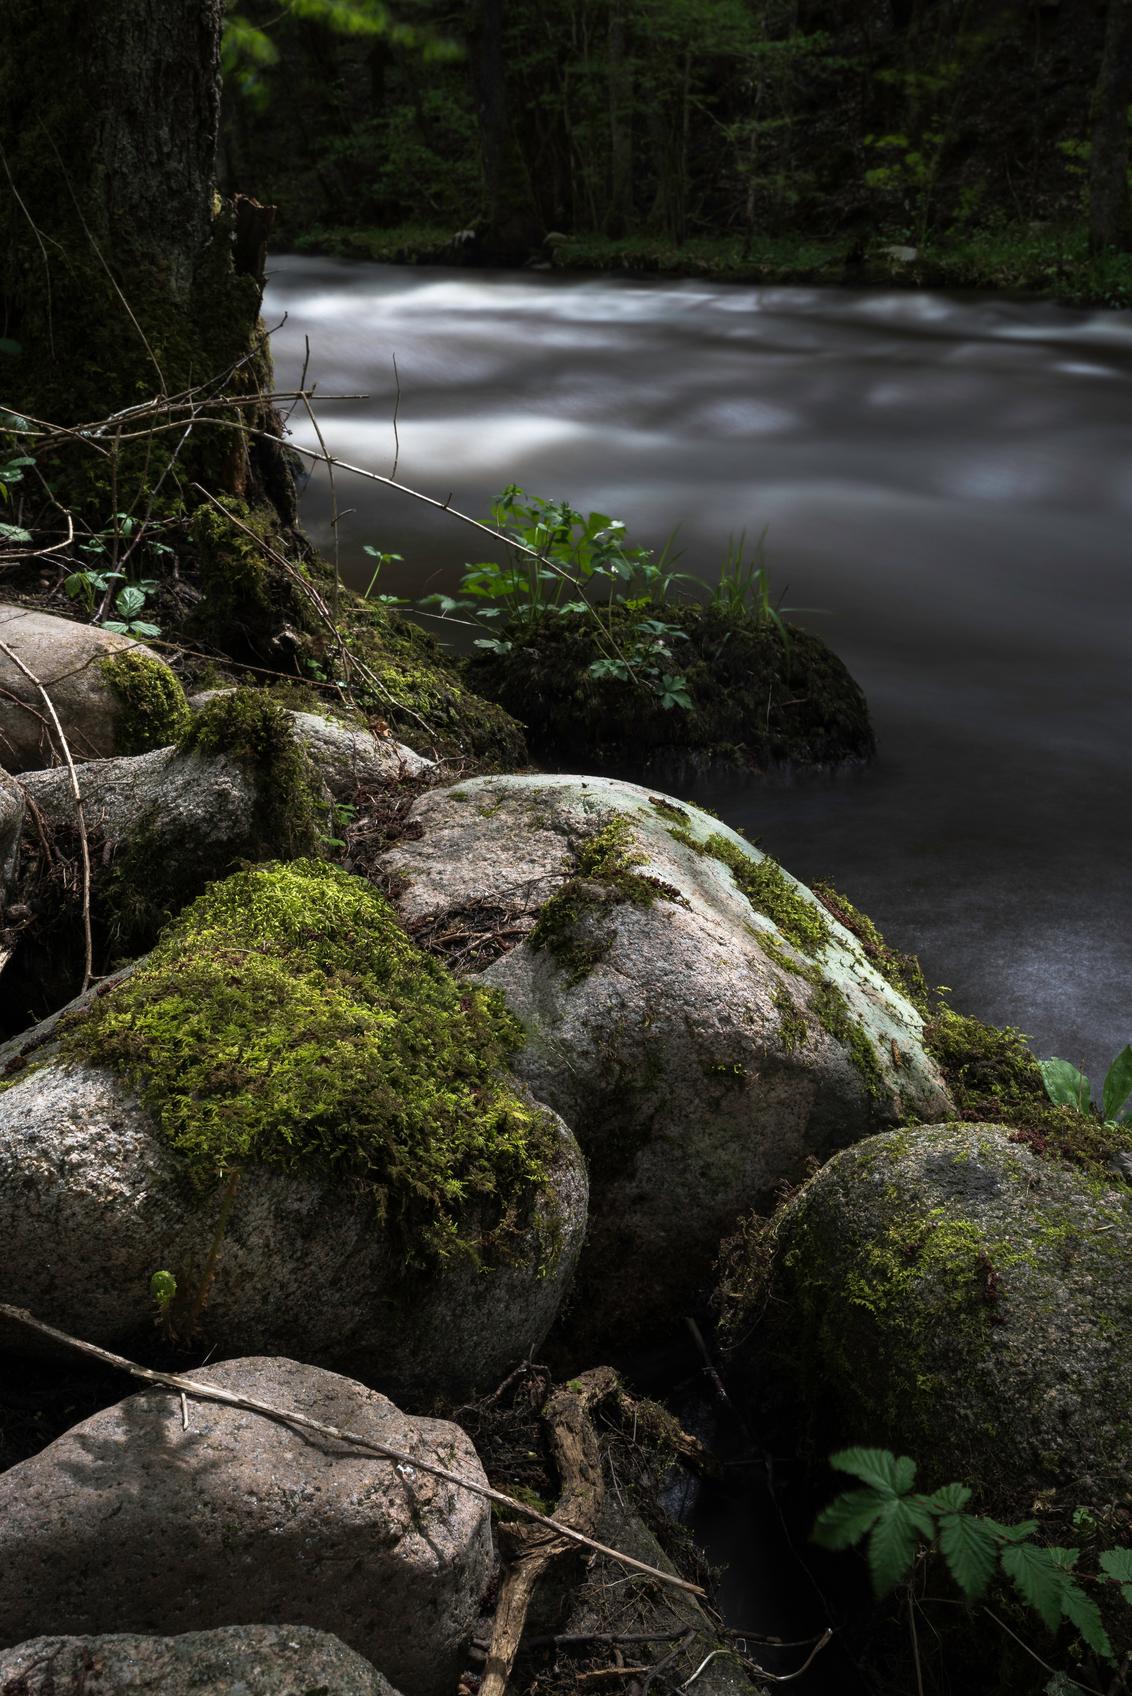 DSC_1557 - - - foto door alexanderdejong op 30-04-2018 - deze foto bevat: boom, water, natuur, waterval